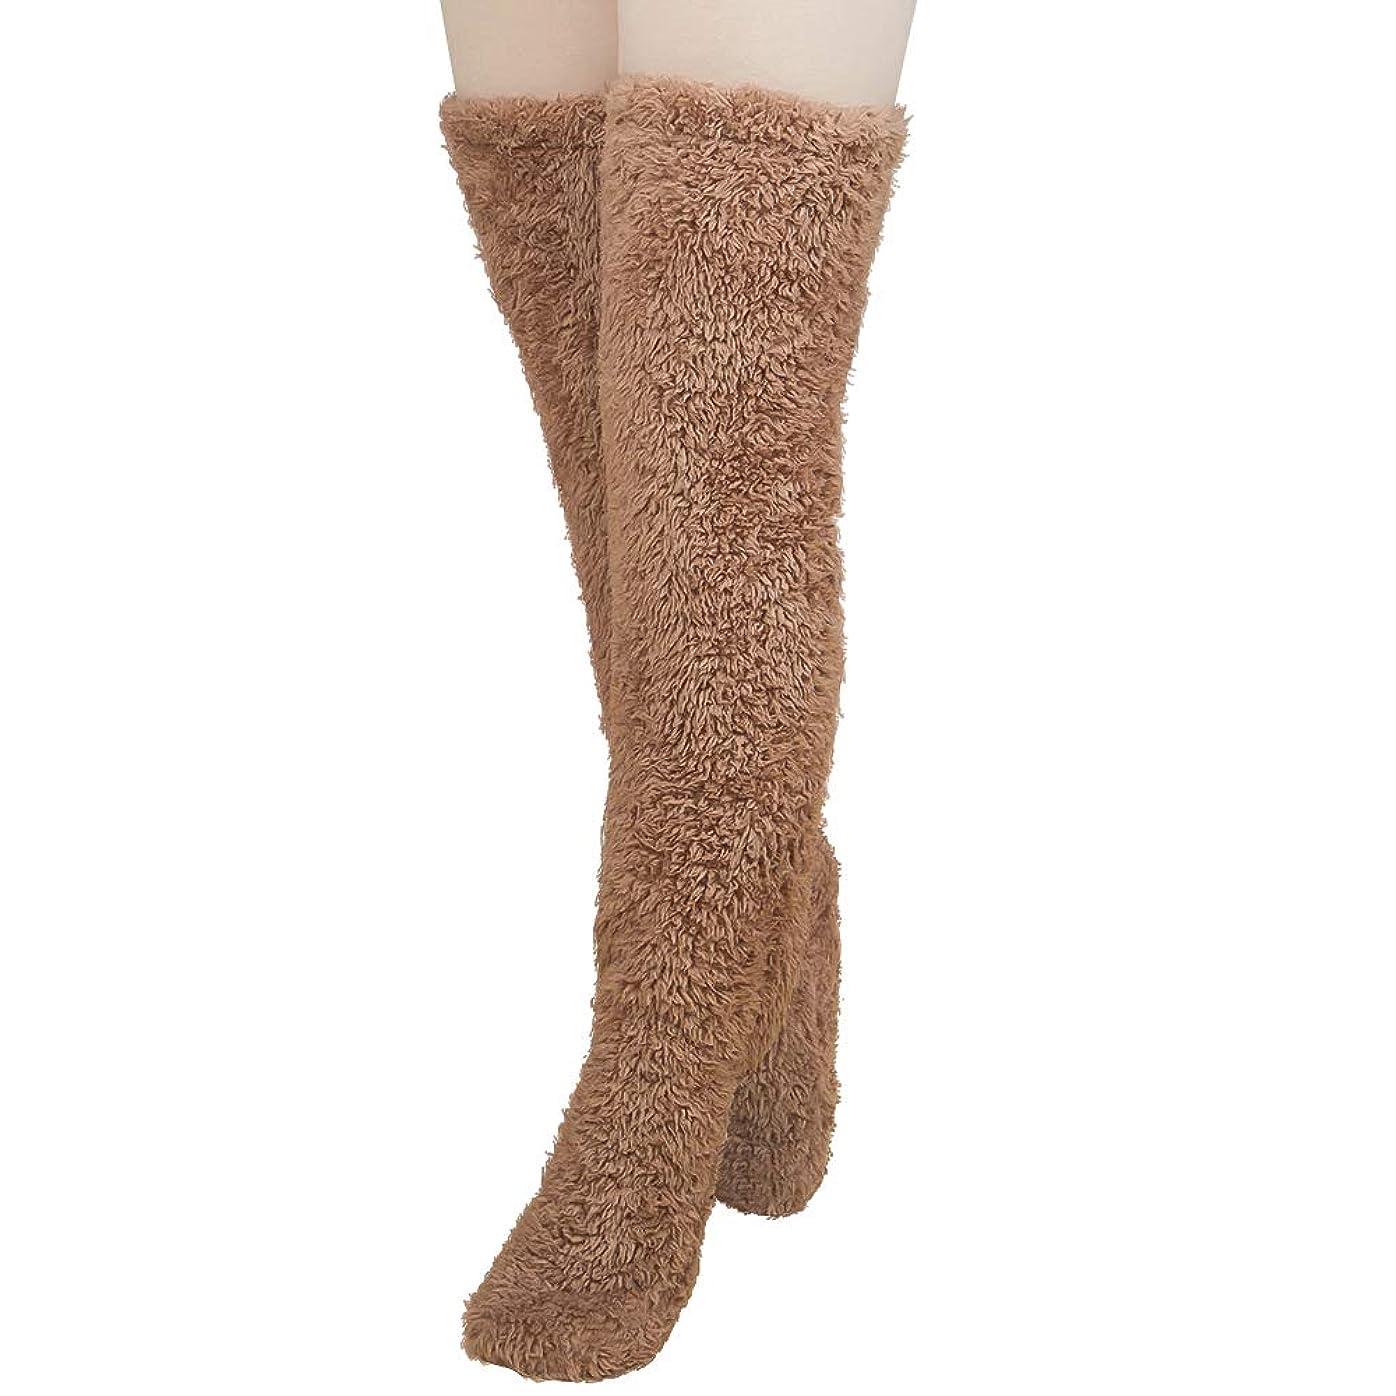 クッションデコレーションクリームMiuko 足が出せるロングカバー 極暖 レッグウォーマー ふわふわ靴下 ロングソックス 冷えとり靴下 毛布ソックス 冷え対策 防寒ソックス あったか 超厚手 男女兼用